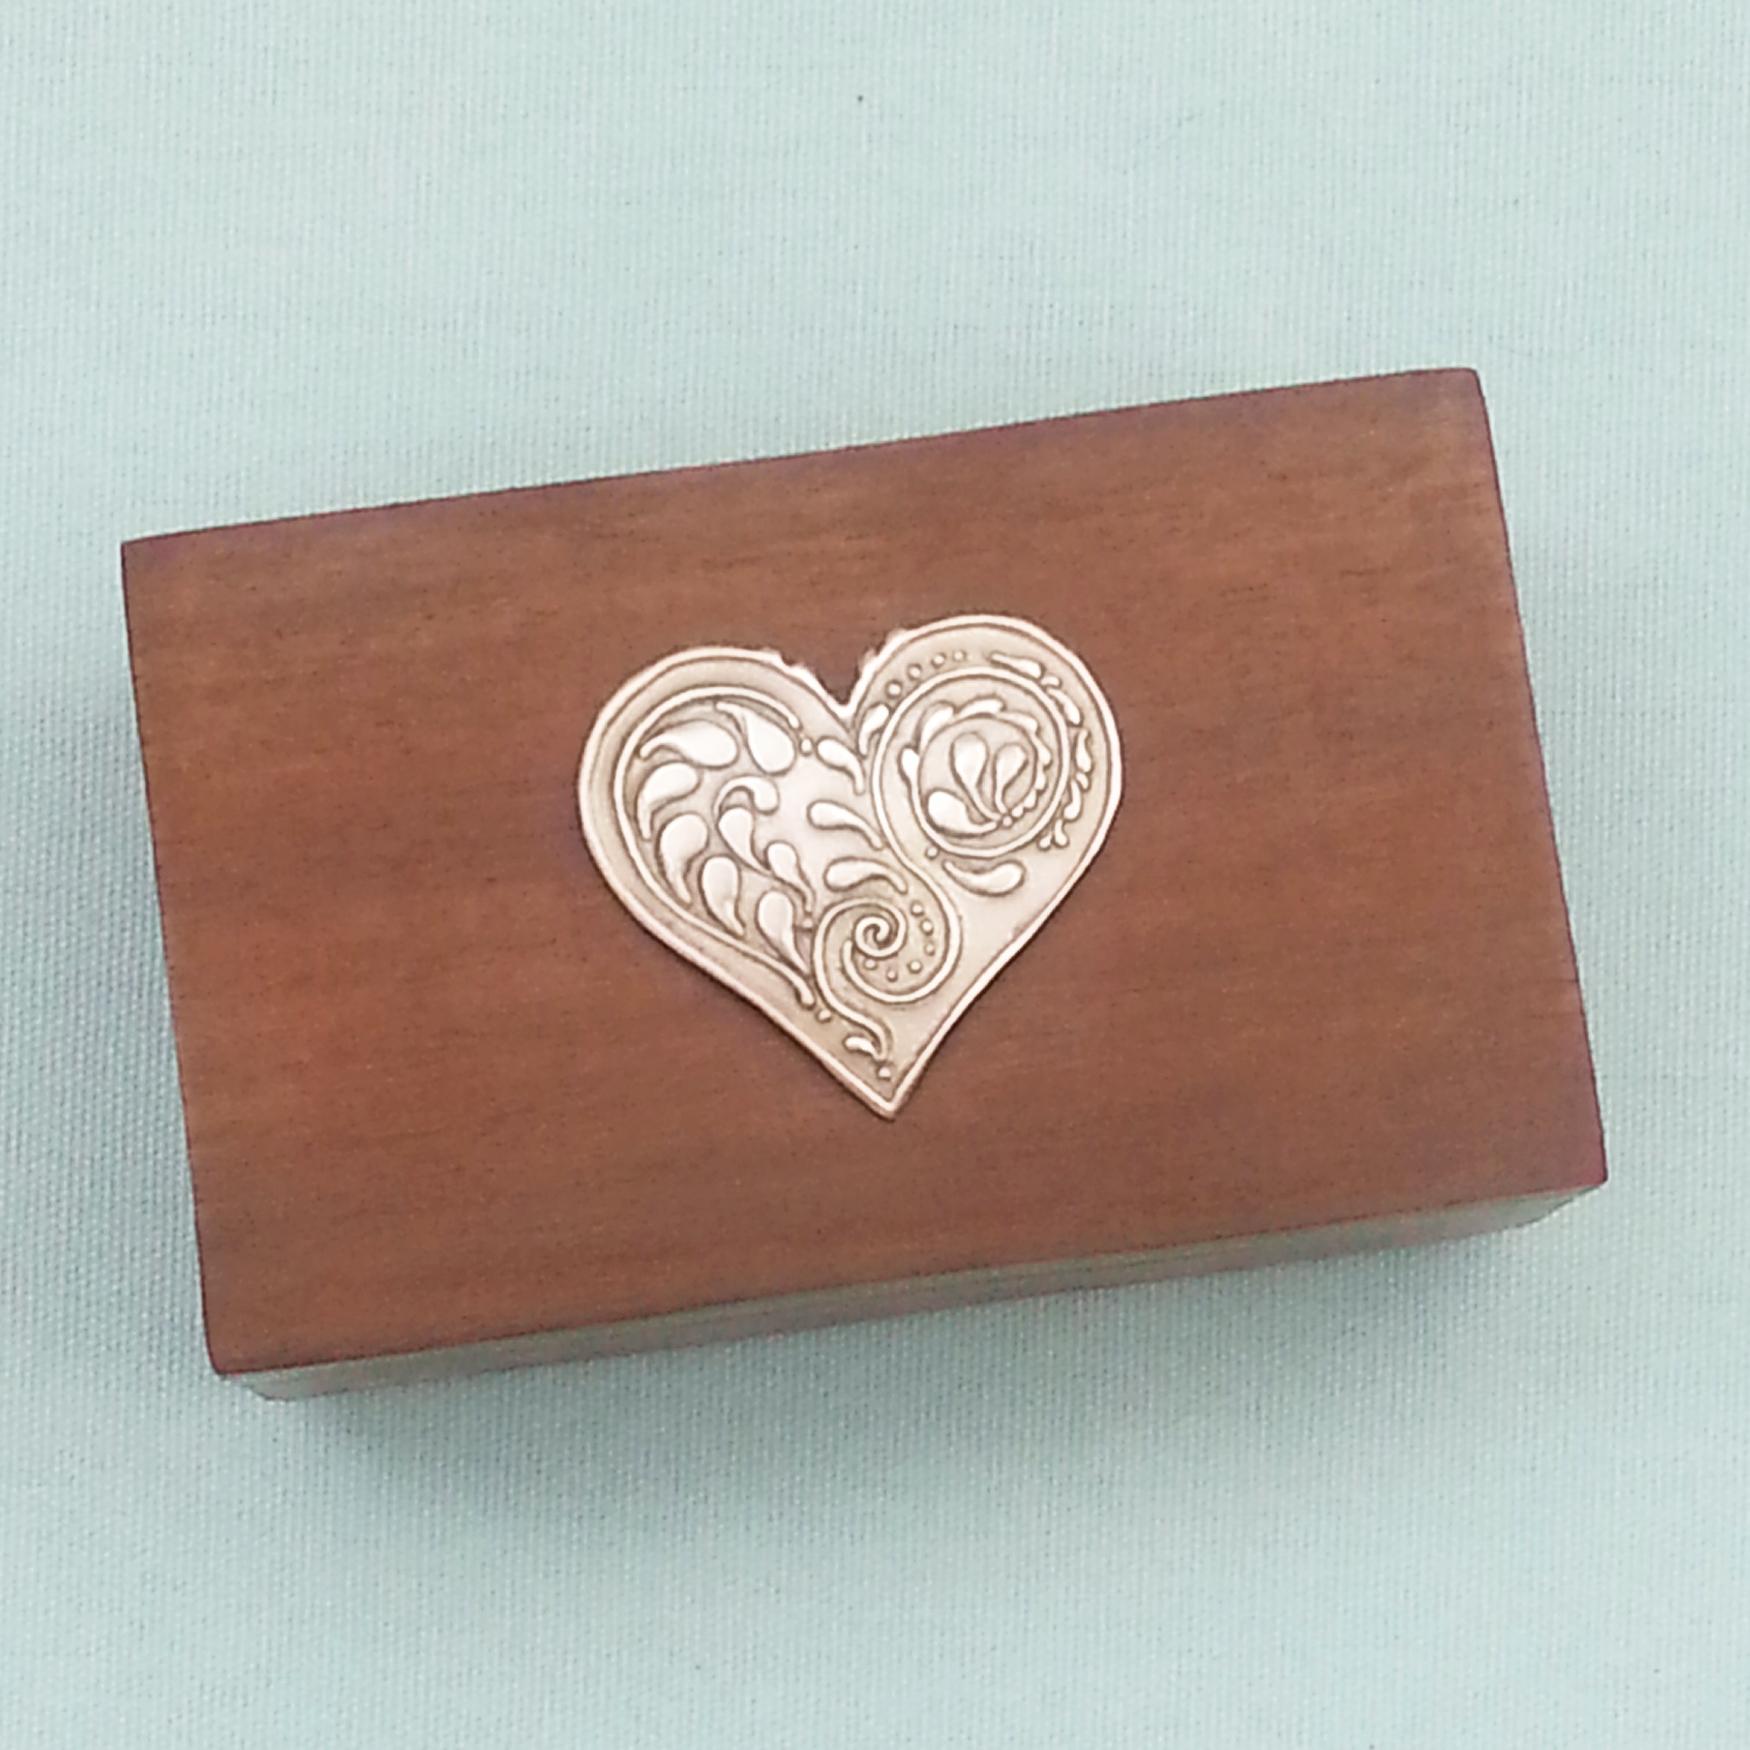 heart-box.jpg